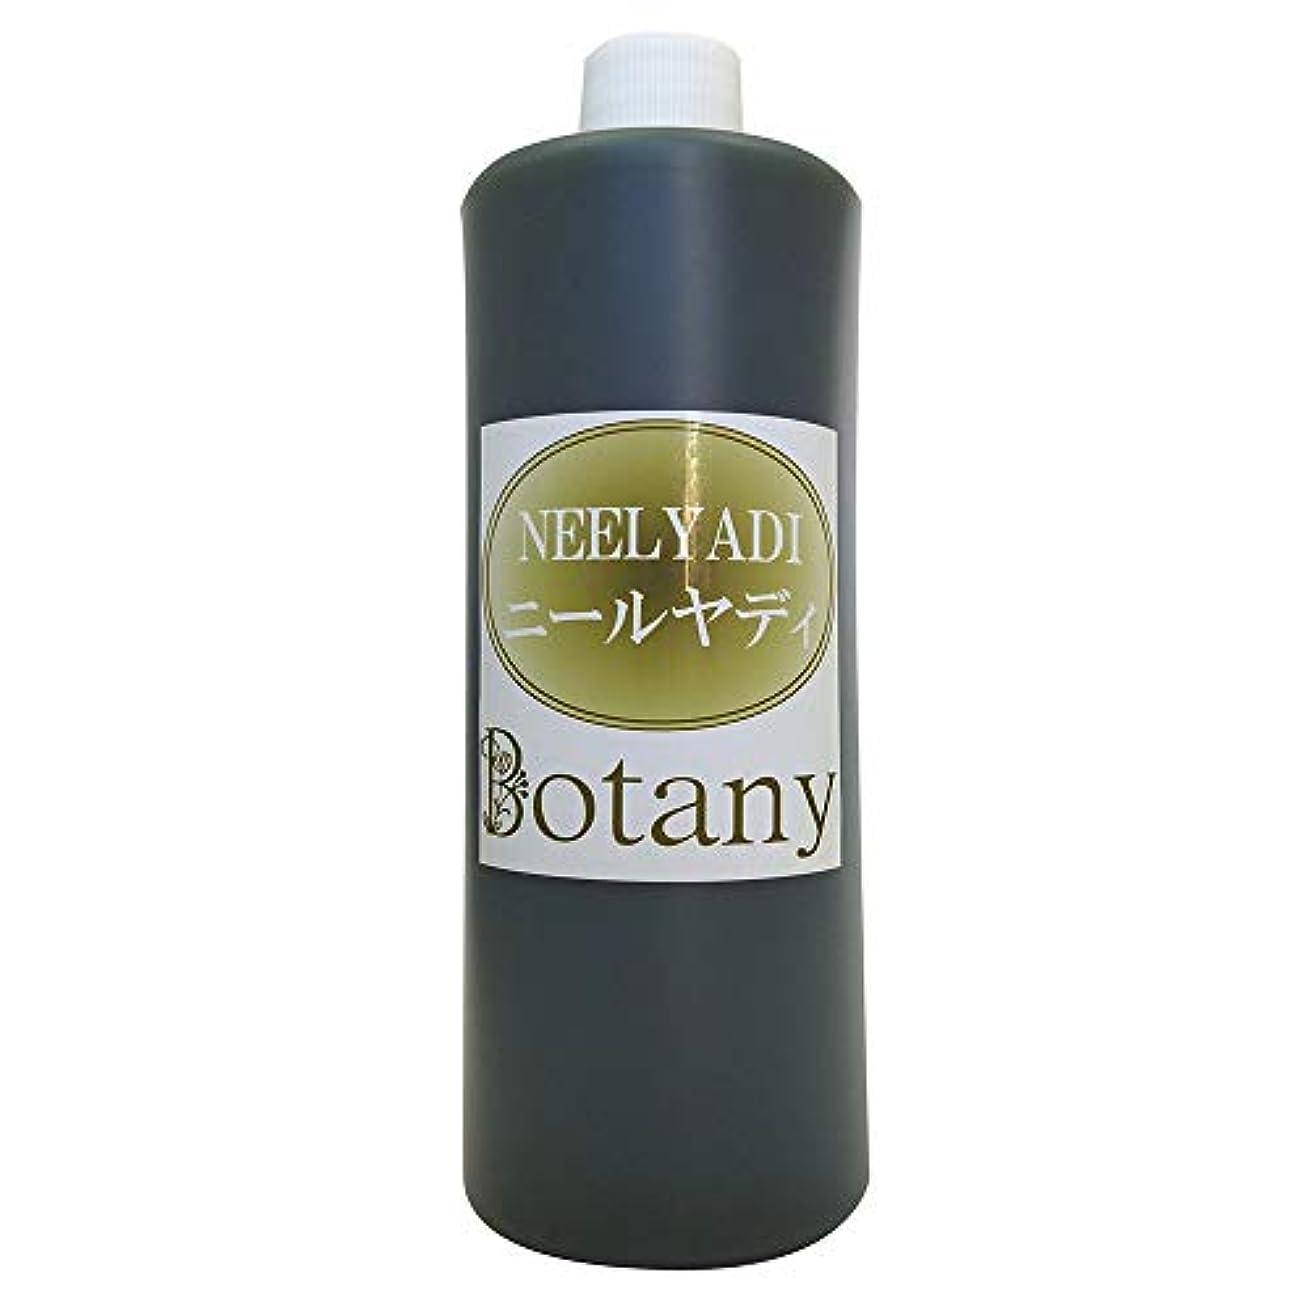 ダイアクリティカルセンチメンタル器官Botanyオイル ニールヤディ ヘッド ボディ フェイス用 エステ サロン マッサージオイル 500ml